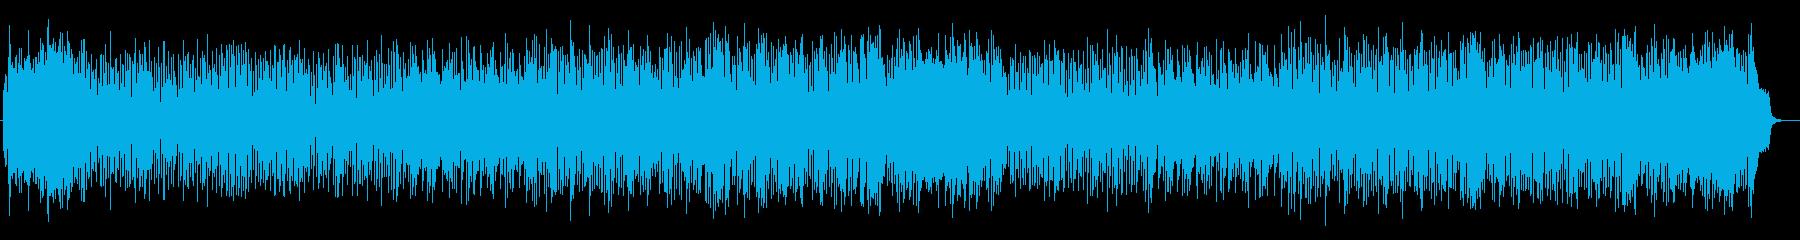 優しく明るいシンセサイザーサウンドの再生済みの波形